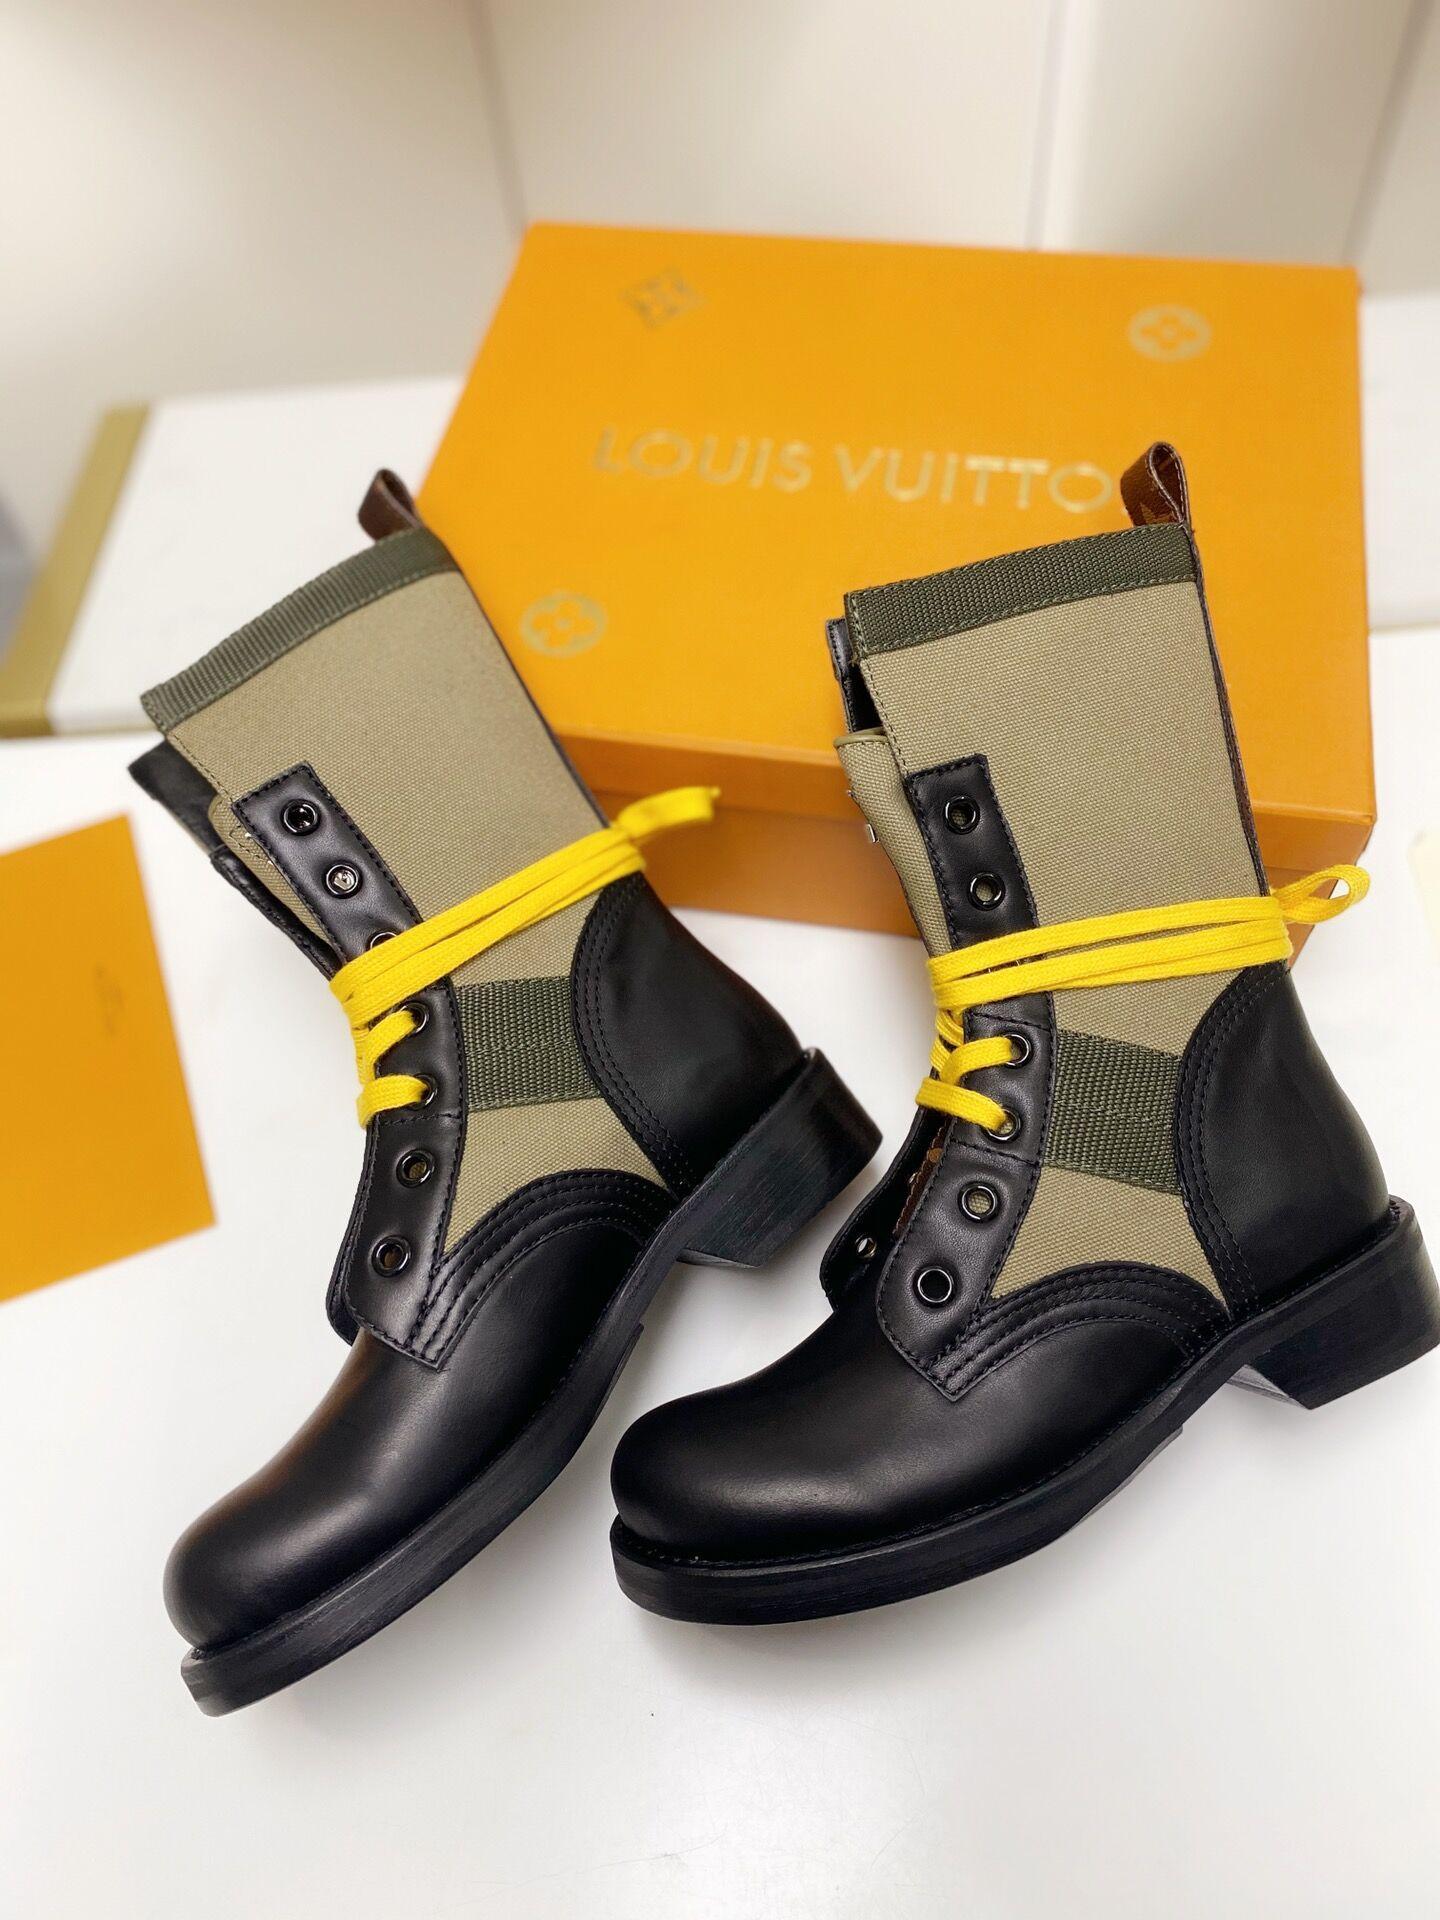 metropolis flat ranger Khaki 1A679B    boot    lady shoes    women boot  4